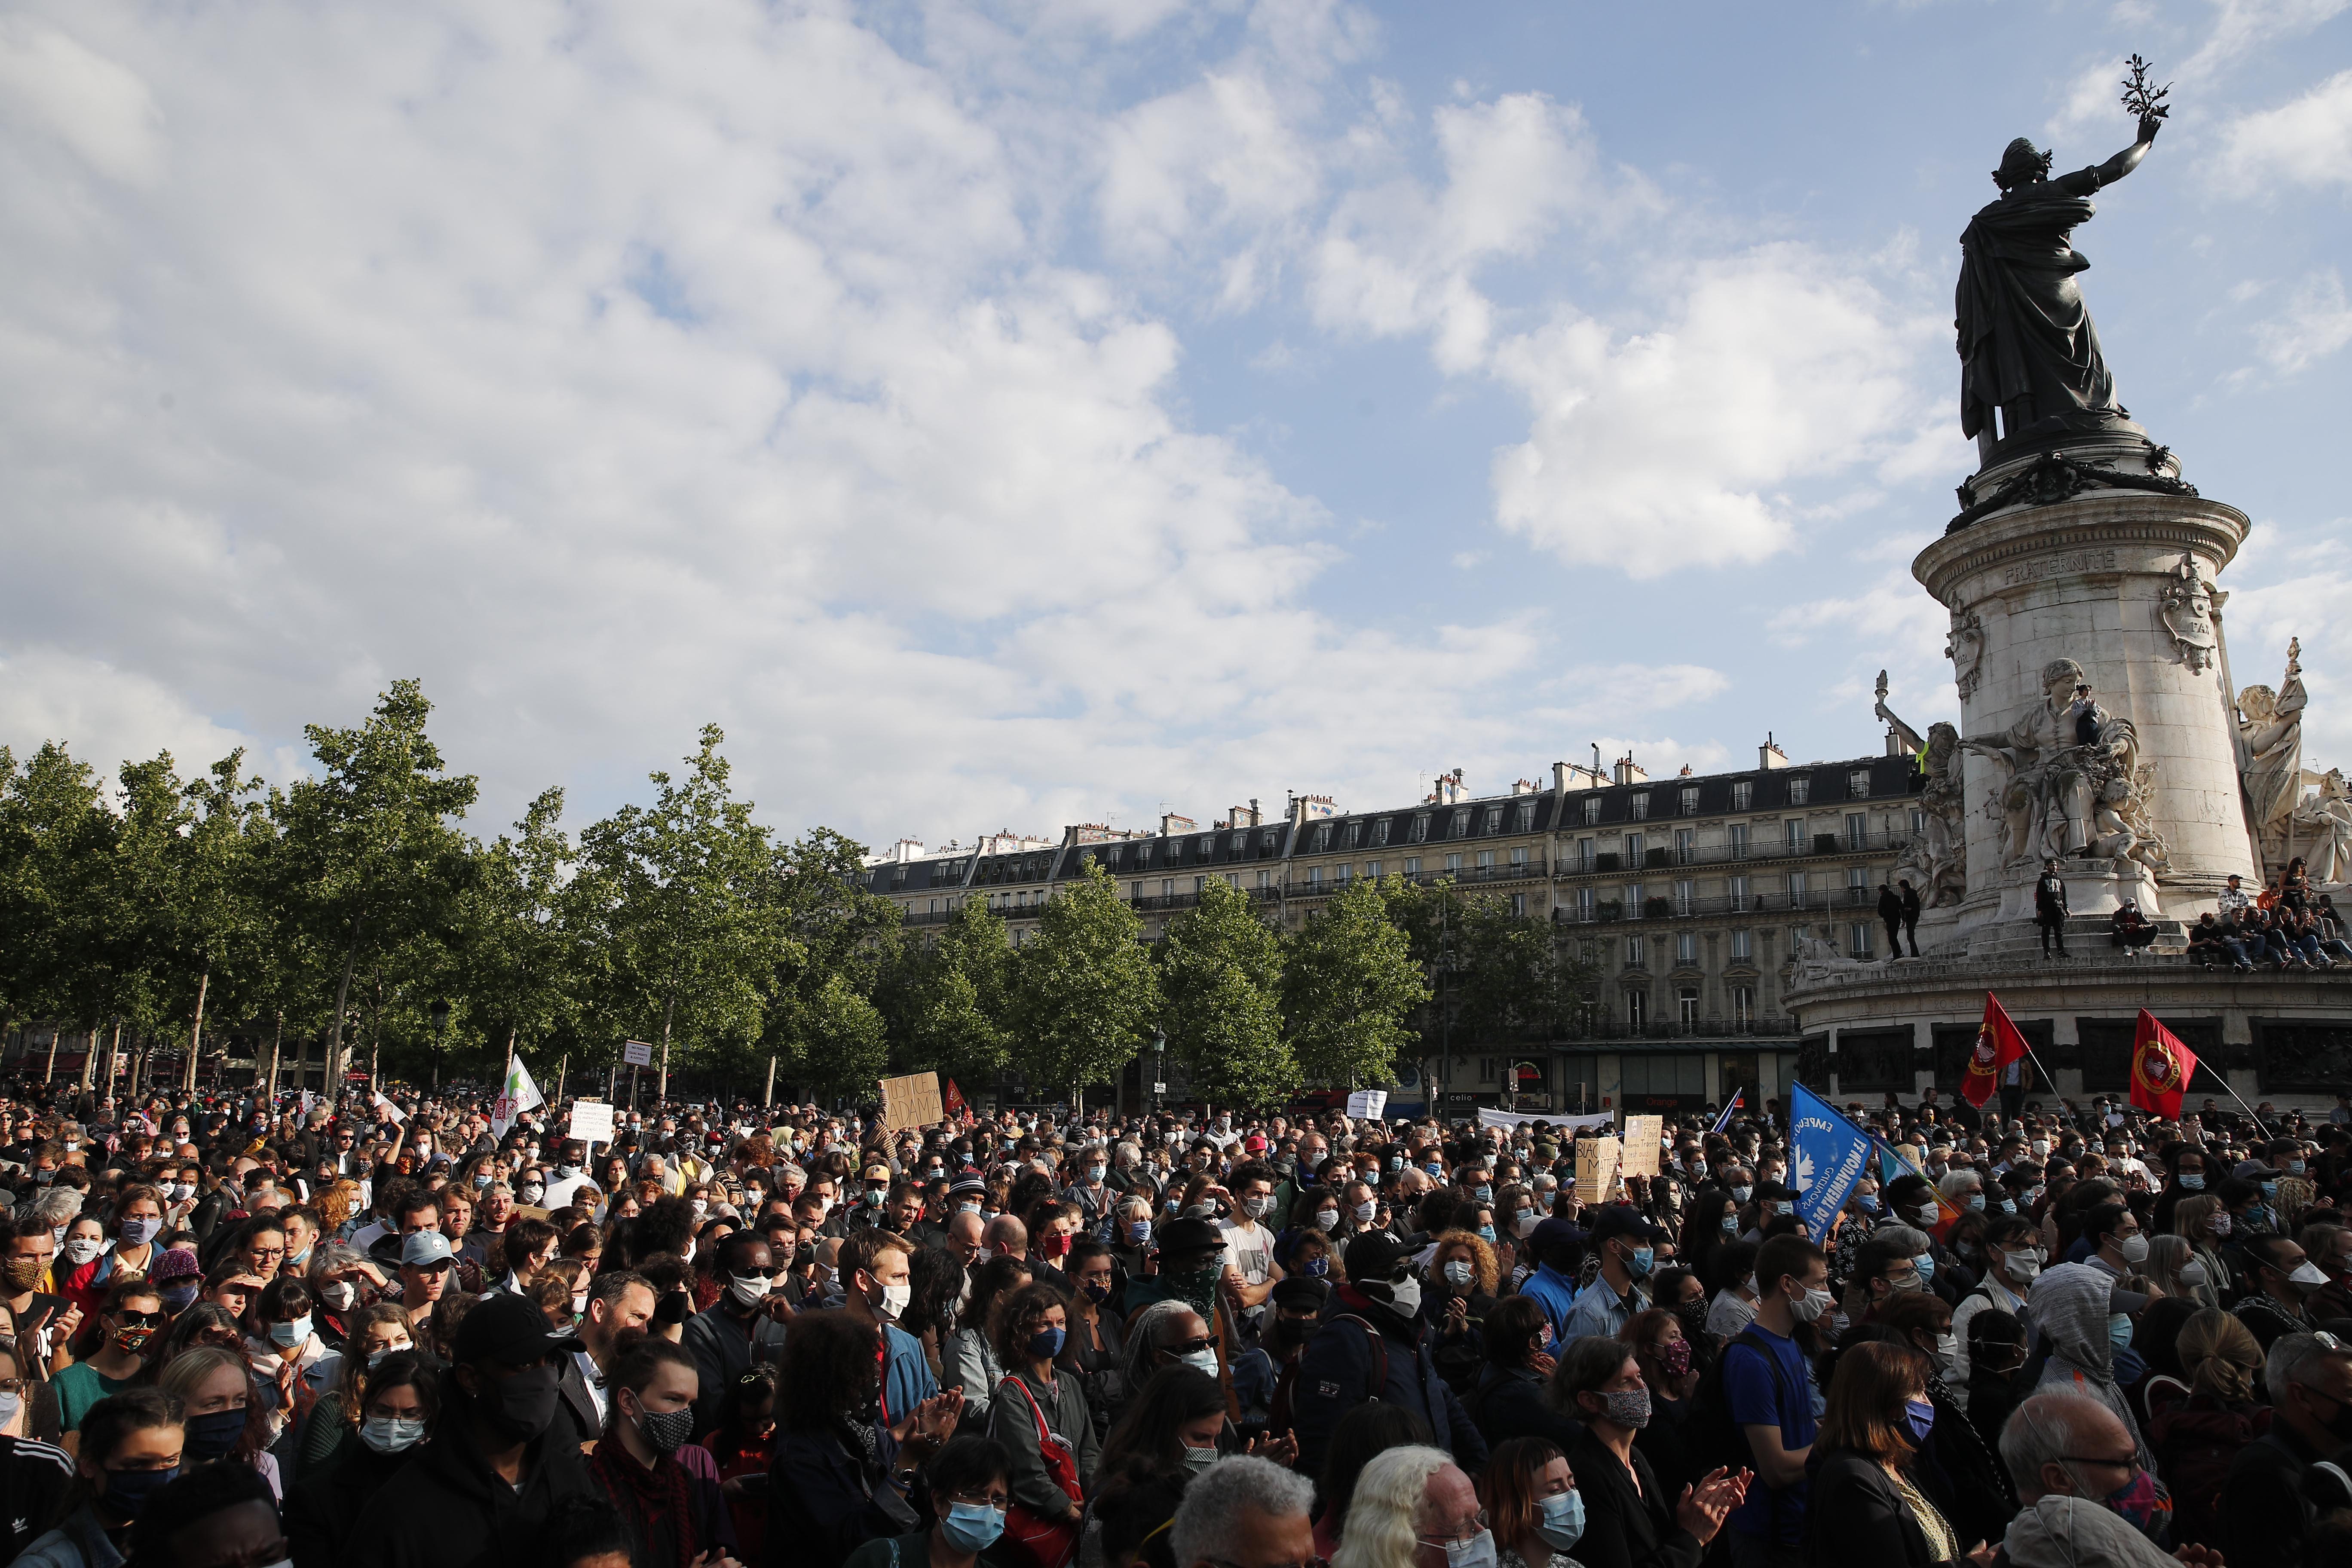 Demonstrators gather during a rally against racism June 9 on the Place de la Republique in Paris